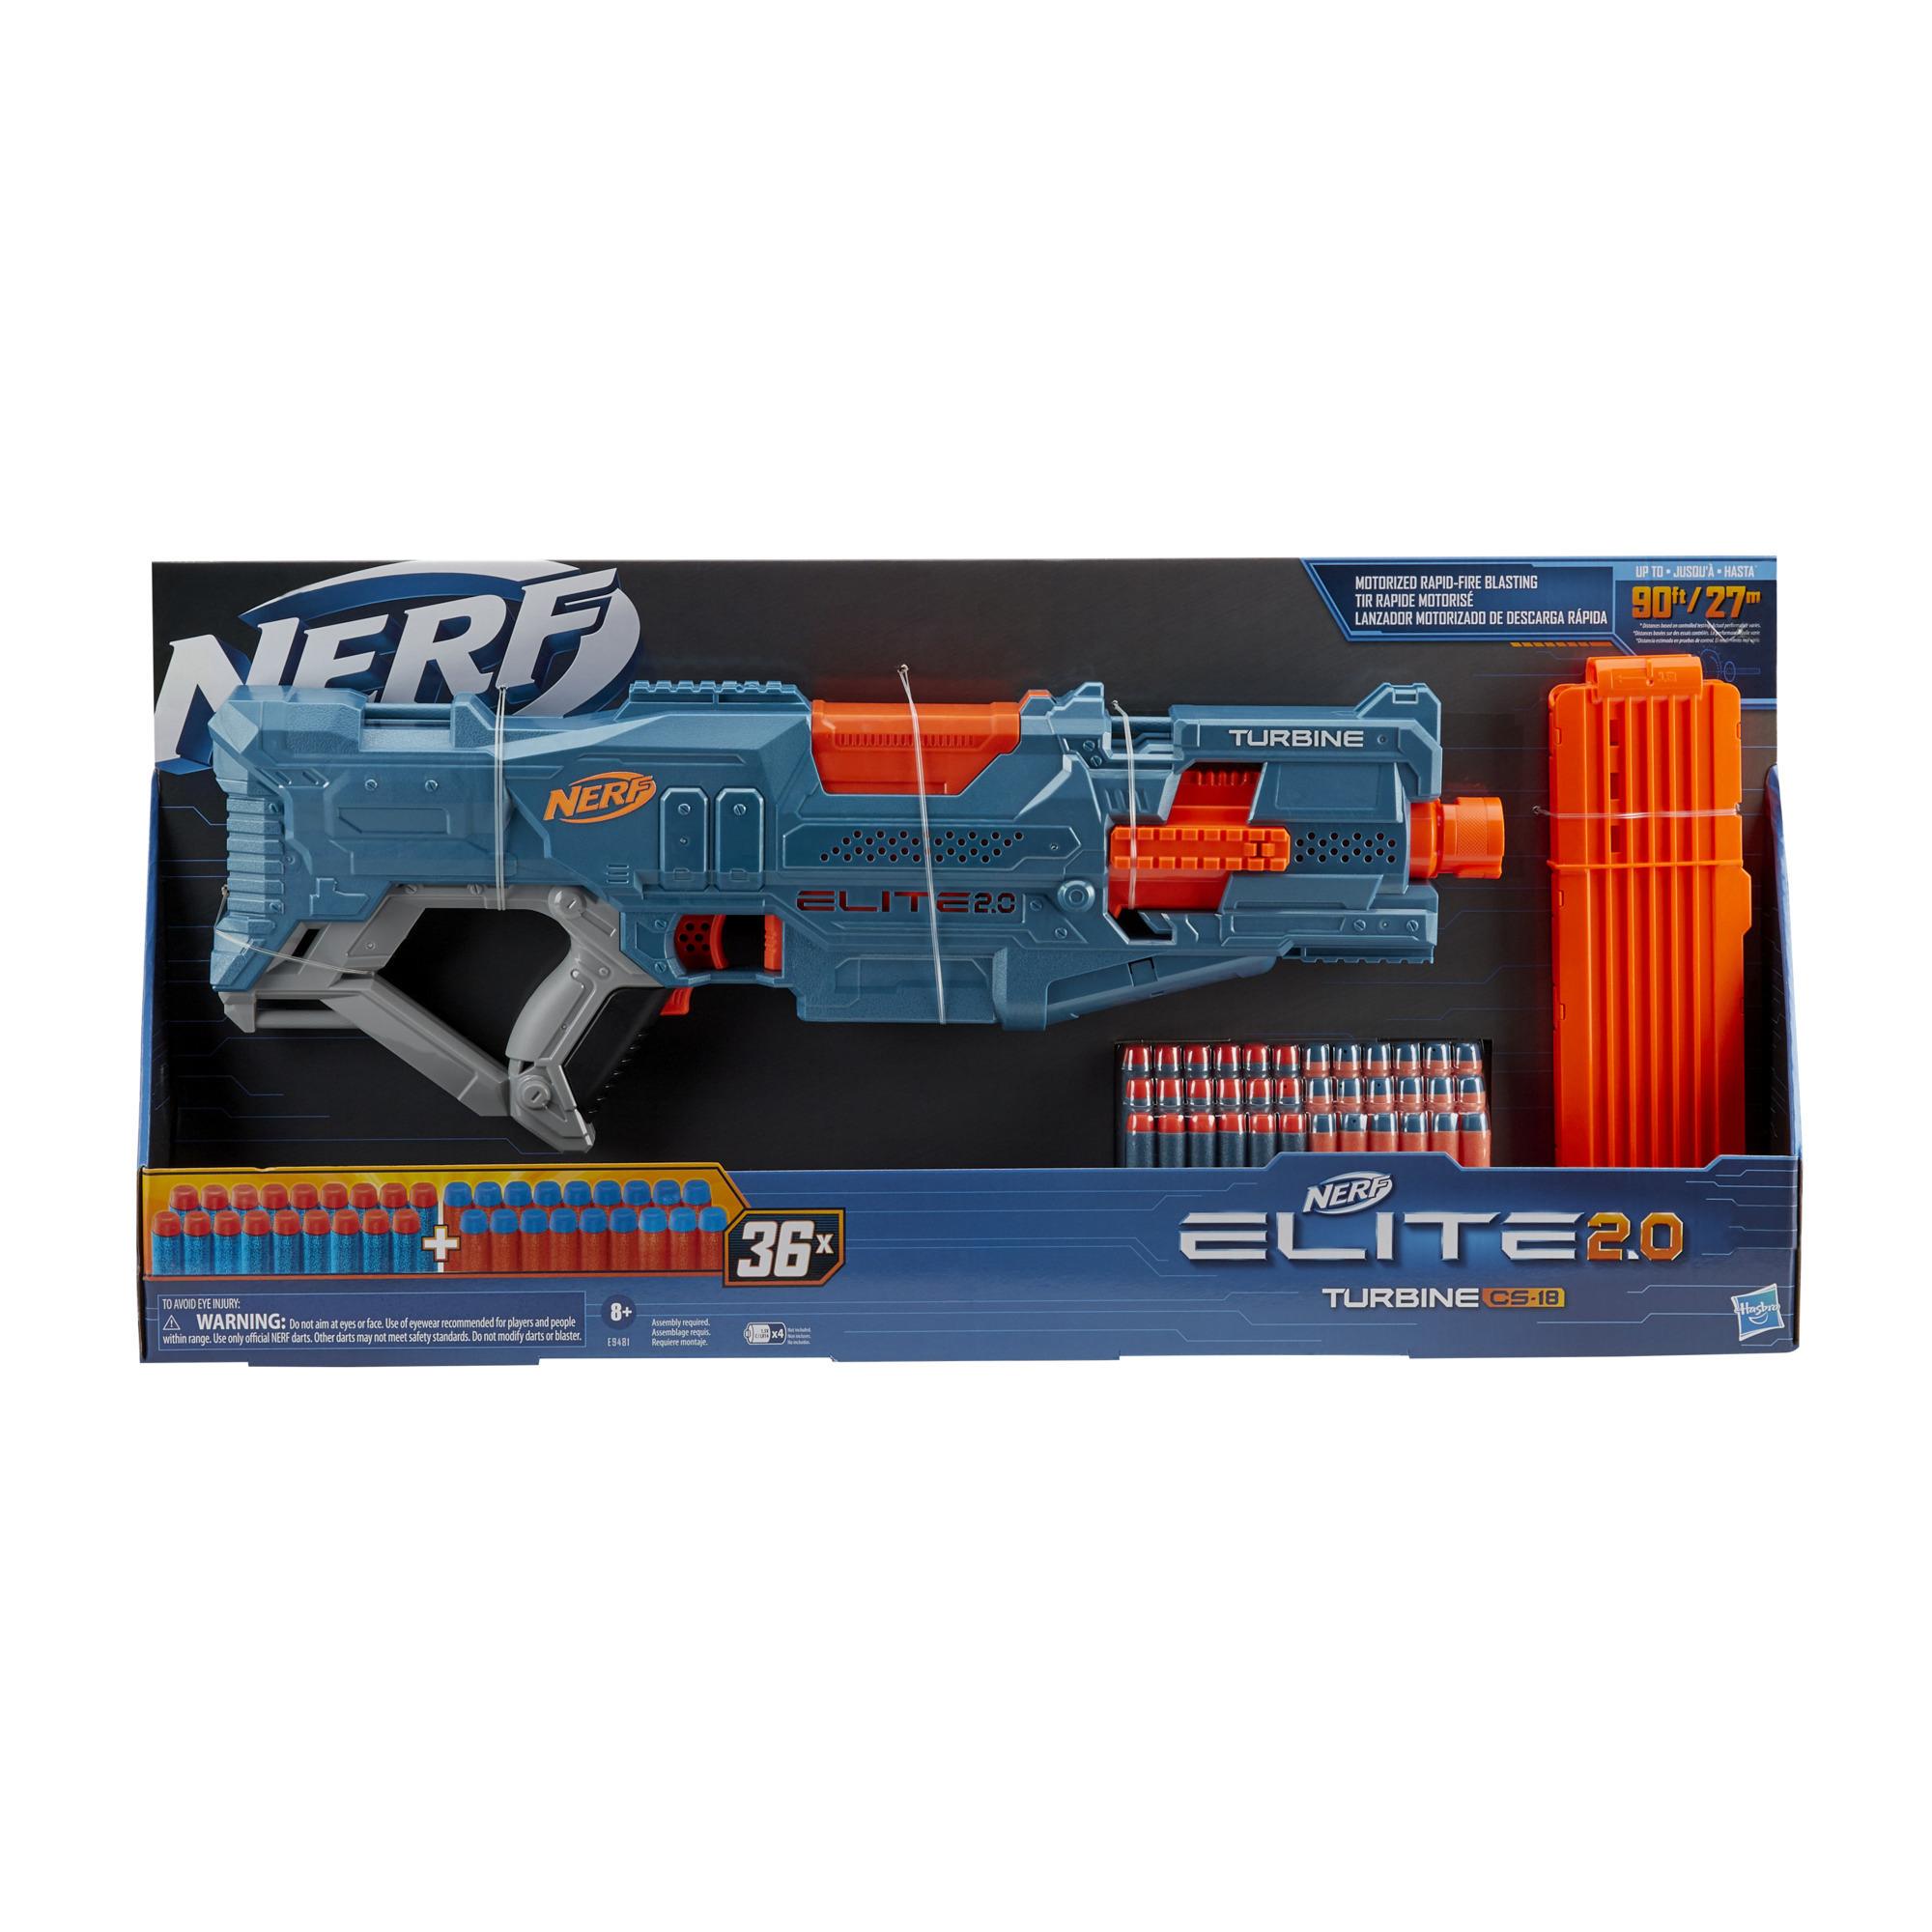 Nerf Elite 2.0 Turbine CS-18 gépesített kilövő, 36Nerf lövedék, 18lövedékes tár, beépített testreszabási lehetőségek